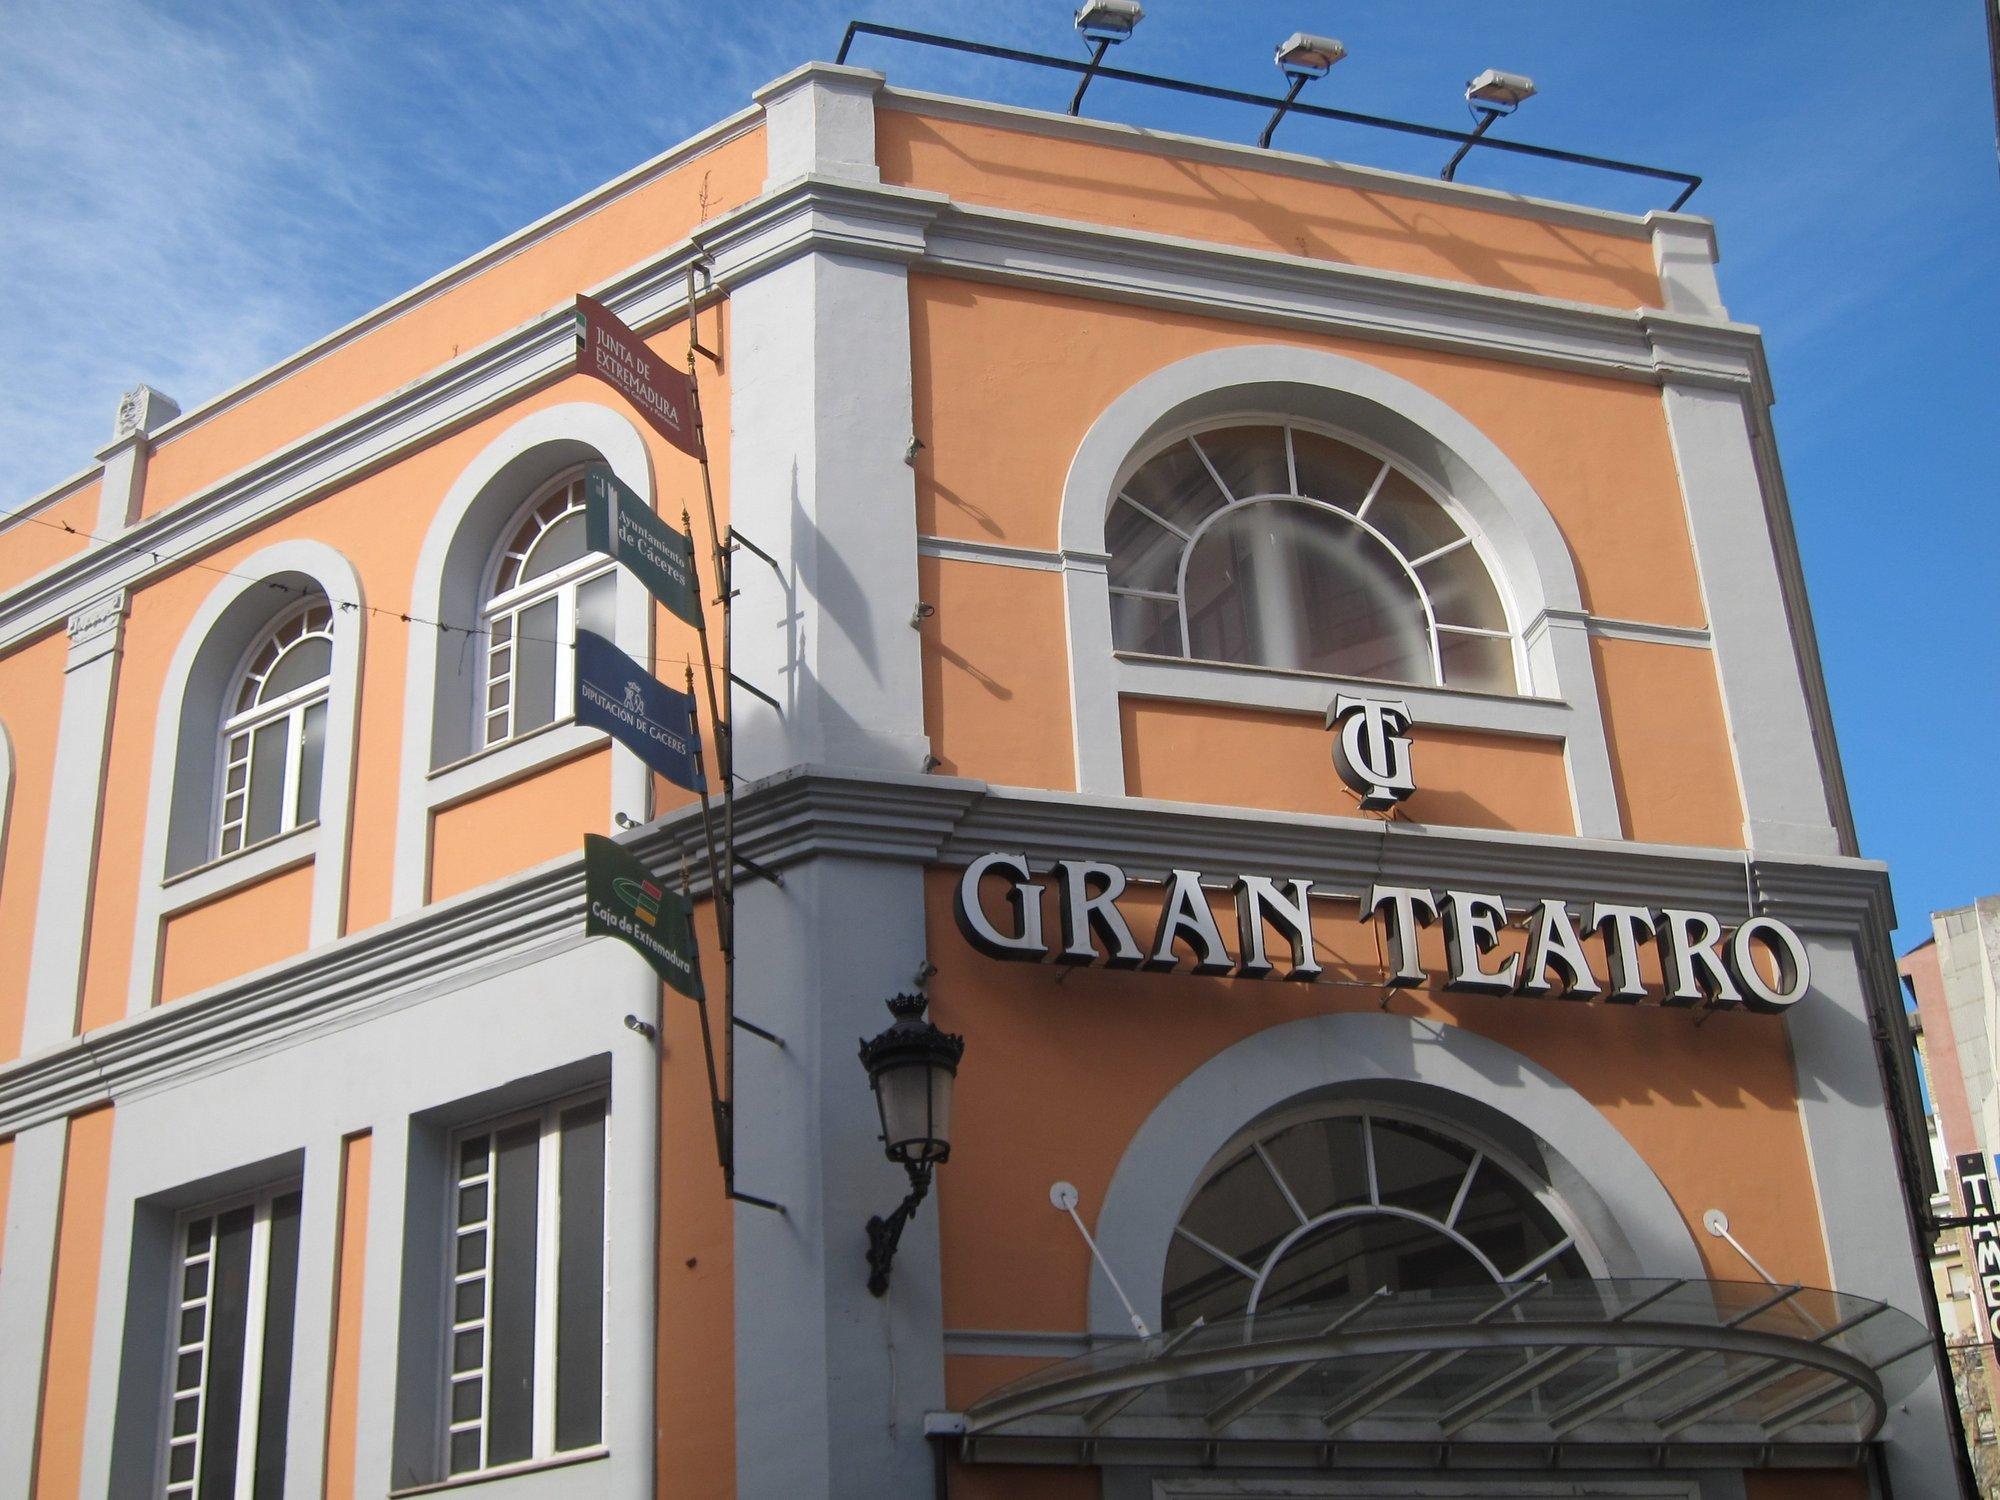 El Gran Teatro de Cáceres acoge este sábado la gala de entrega de los premios San Pancracio 2012